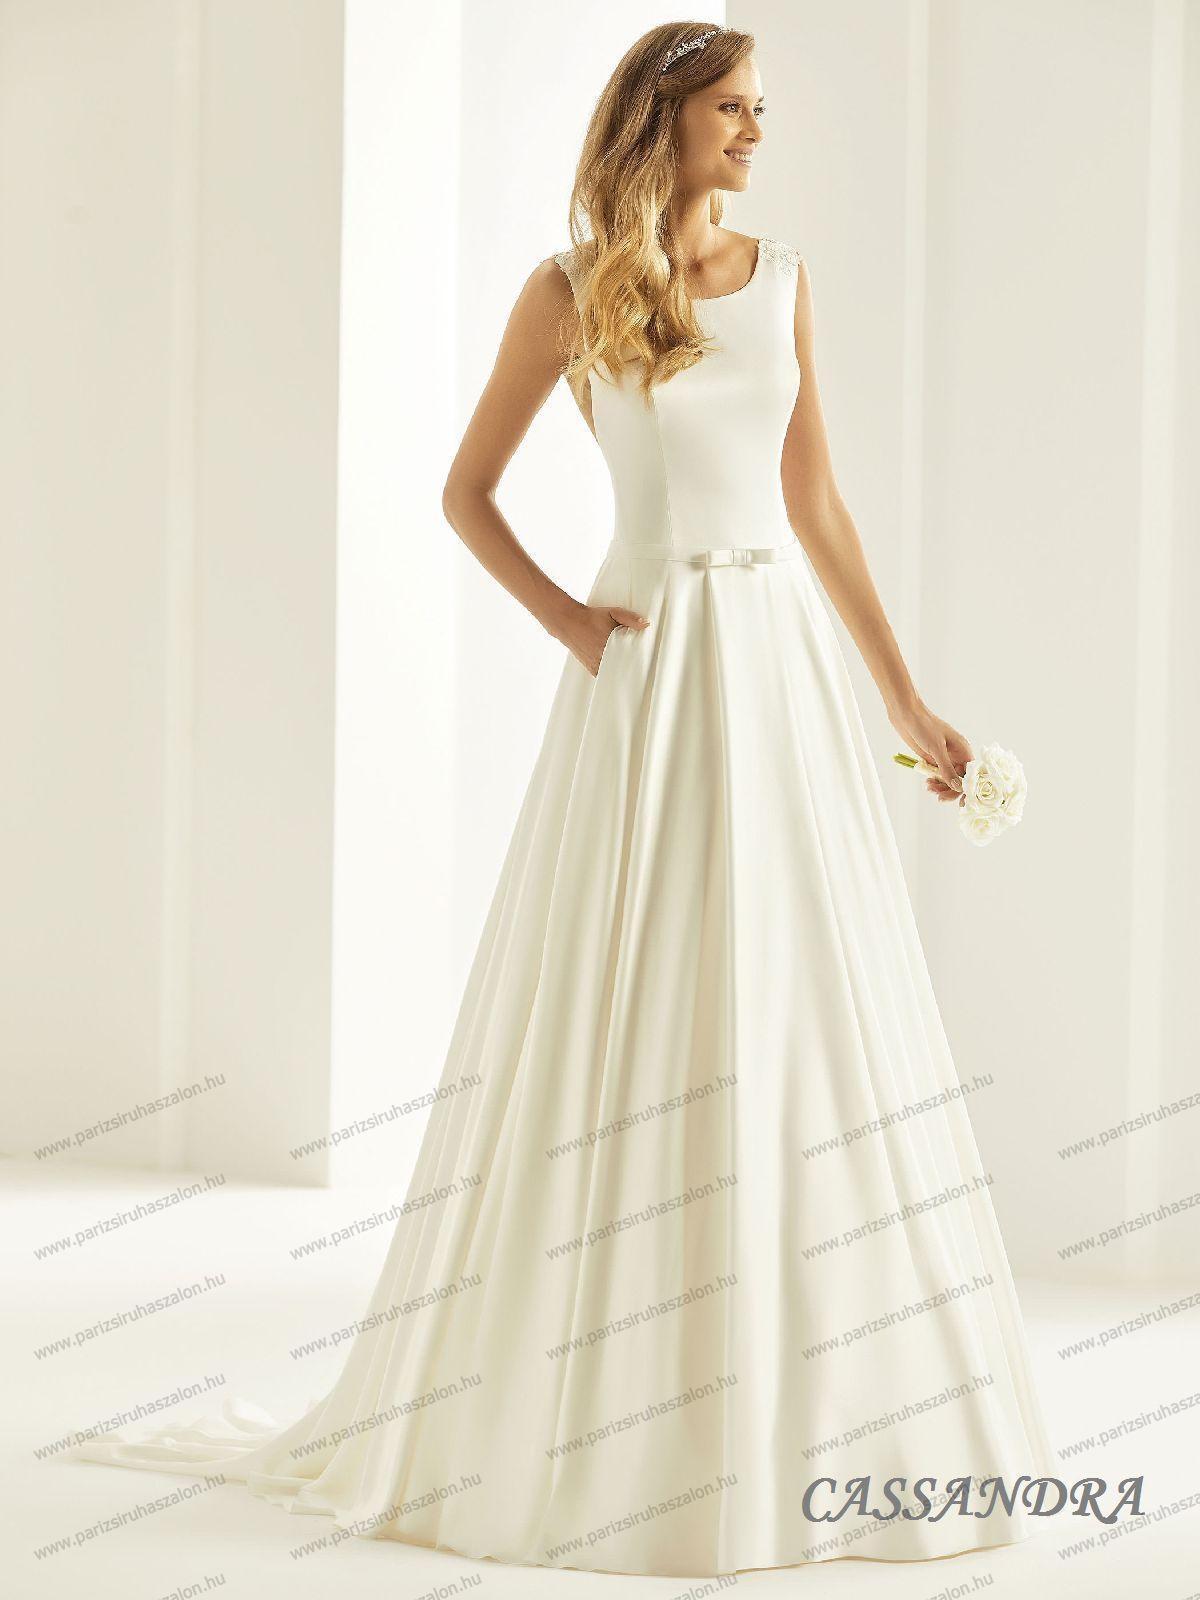 ab0aad80c8 CASSANDRA menyasszonyi ruha | BIANCO EVENTO német hosszú, és rövid  menyasszonyi ruhák. (cikkszám: CASSANDRA menyasszonyi ruha)